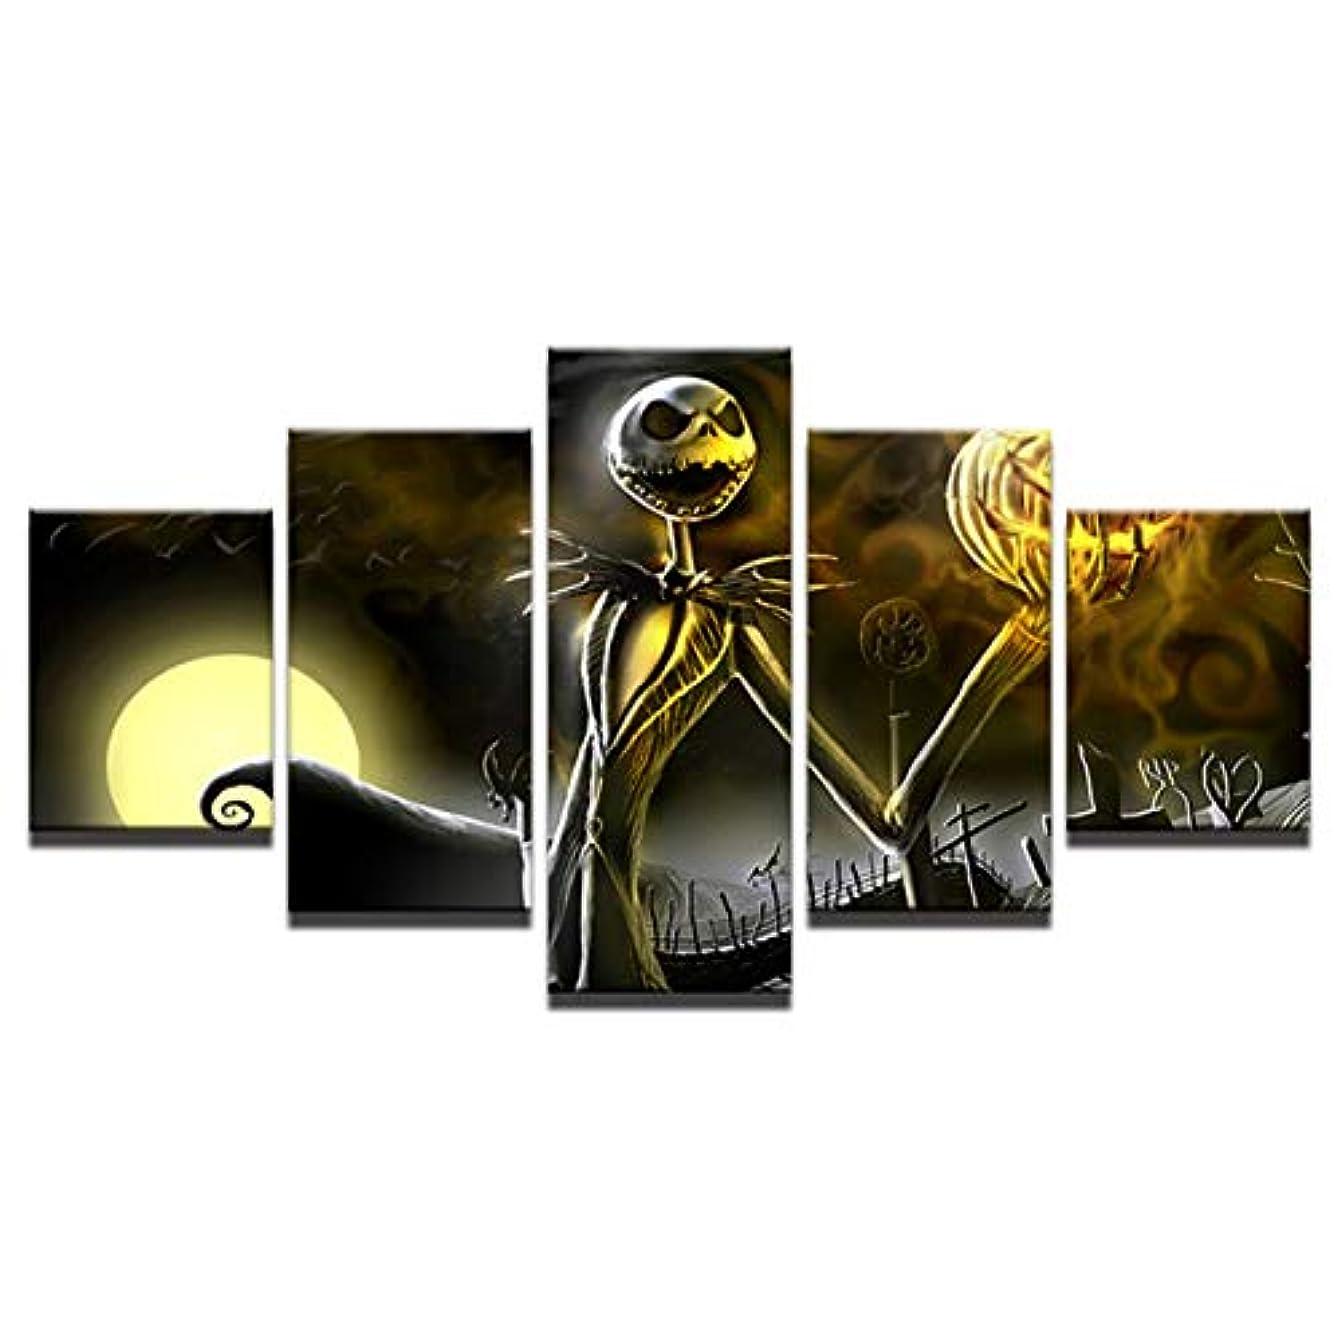 気性固める暗殺Saikogoods レトロジャック?スケリントン絵画モジュラーキャンバスウォールアート写真5つのHallowmasホームデコレーション 多色 10×15cm×2個10×20cm×2個10×2